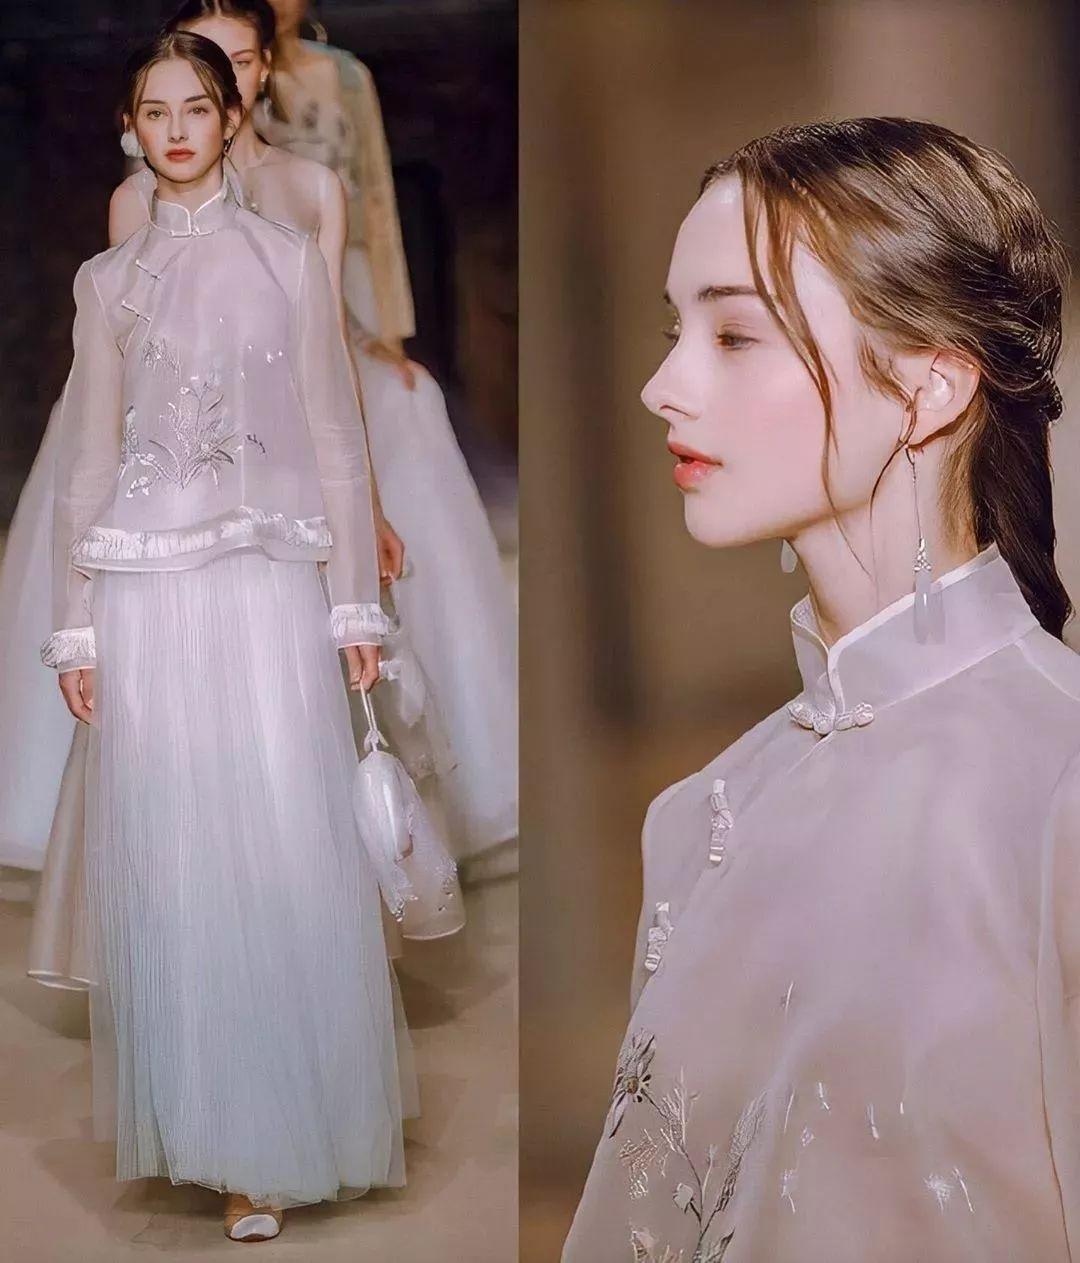 她是如何让明星们穿上敦煌壁画的衣服 惊艳世界的?